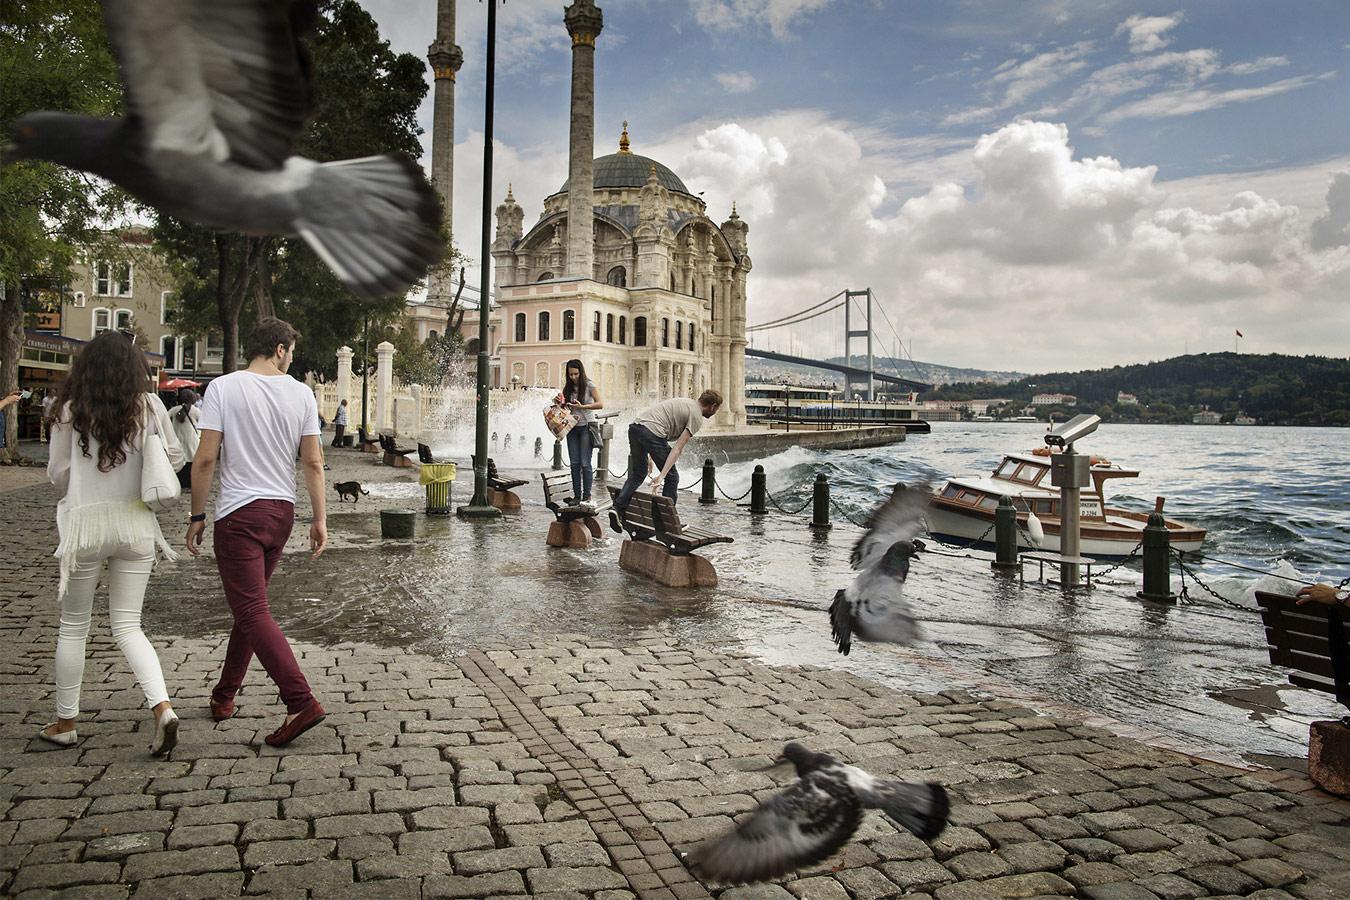 Мечеть Ортакёй, Стамбул, © Лилиана Раналетта, Рим, Италия, Финалист категории «Настроение места», любитель, Фотоконкурс экстремальных путешествий «Мир в фокусе» — World In Focus